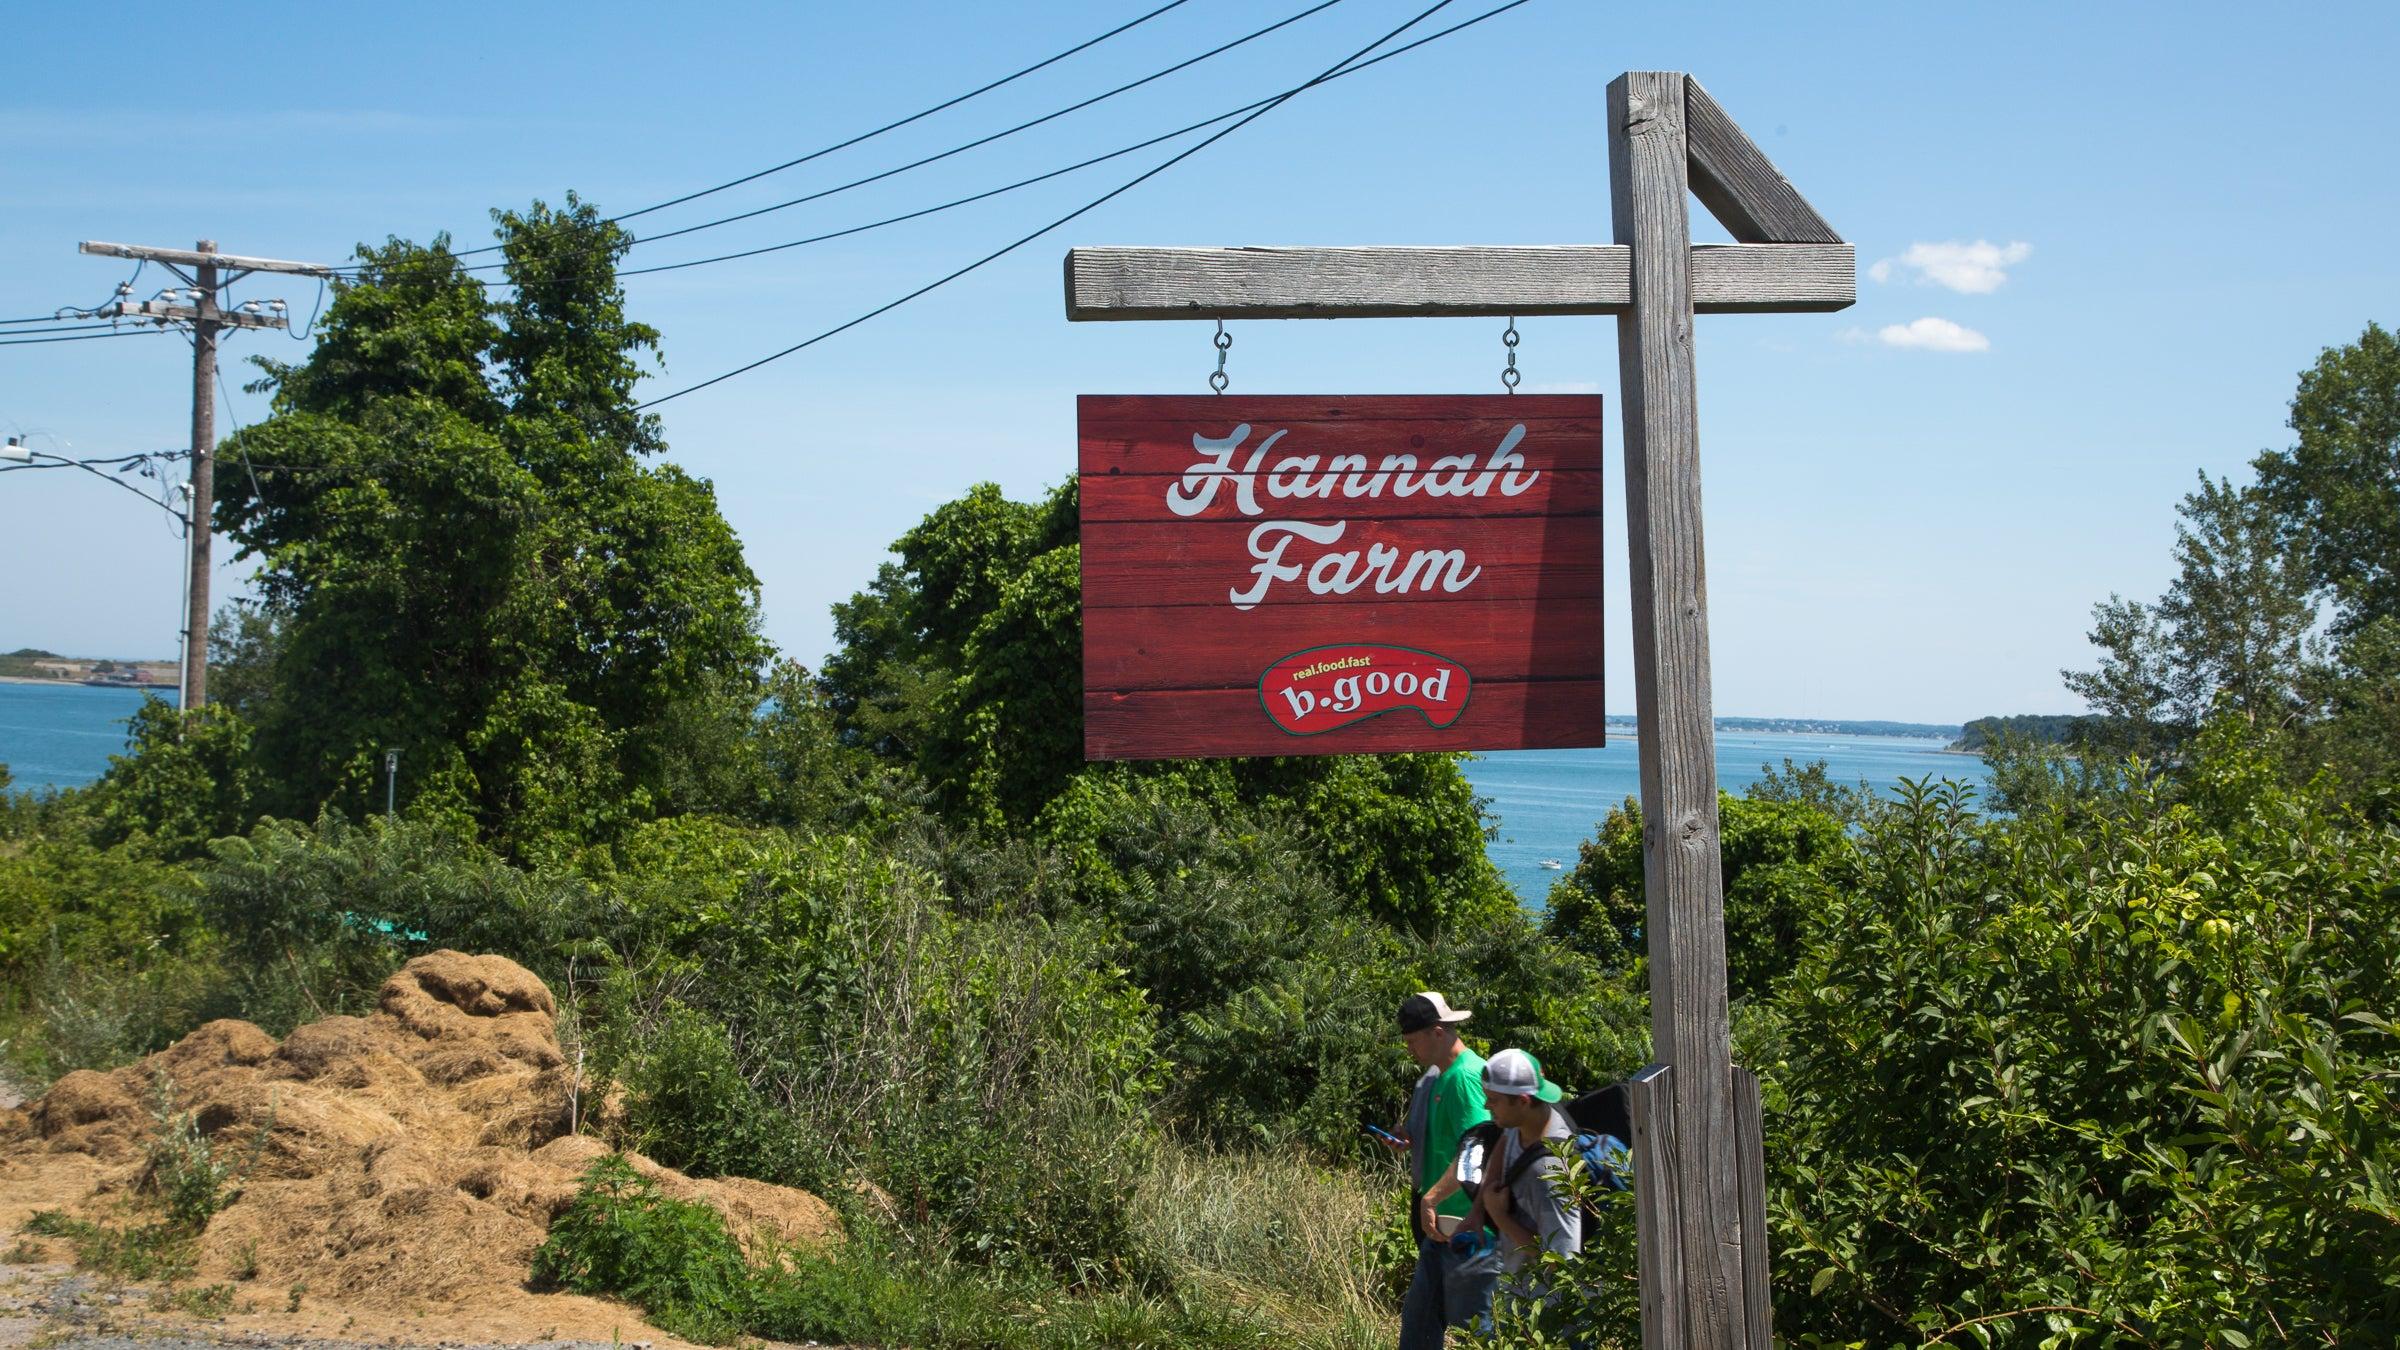 Hannah Farm on Long Island is run by b.good.